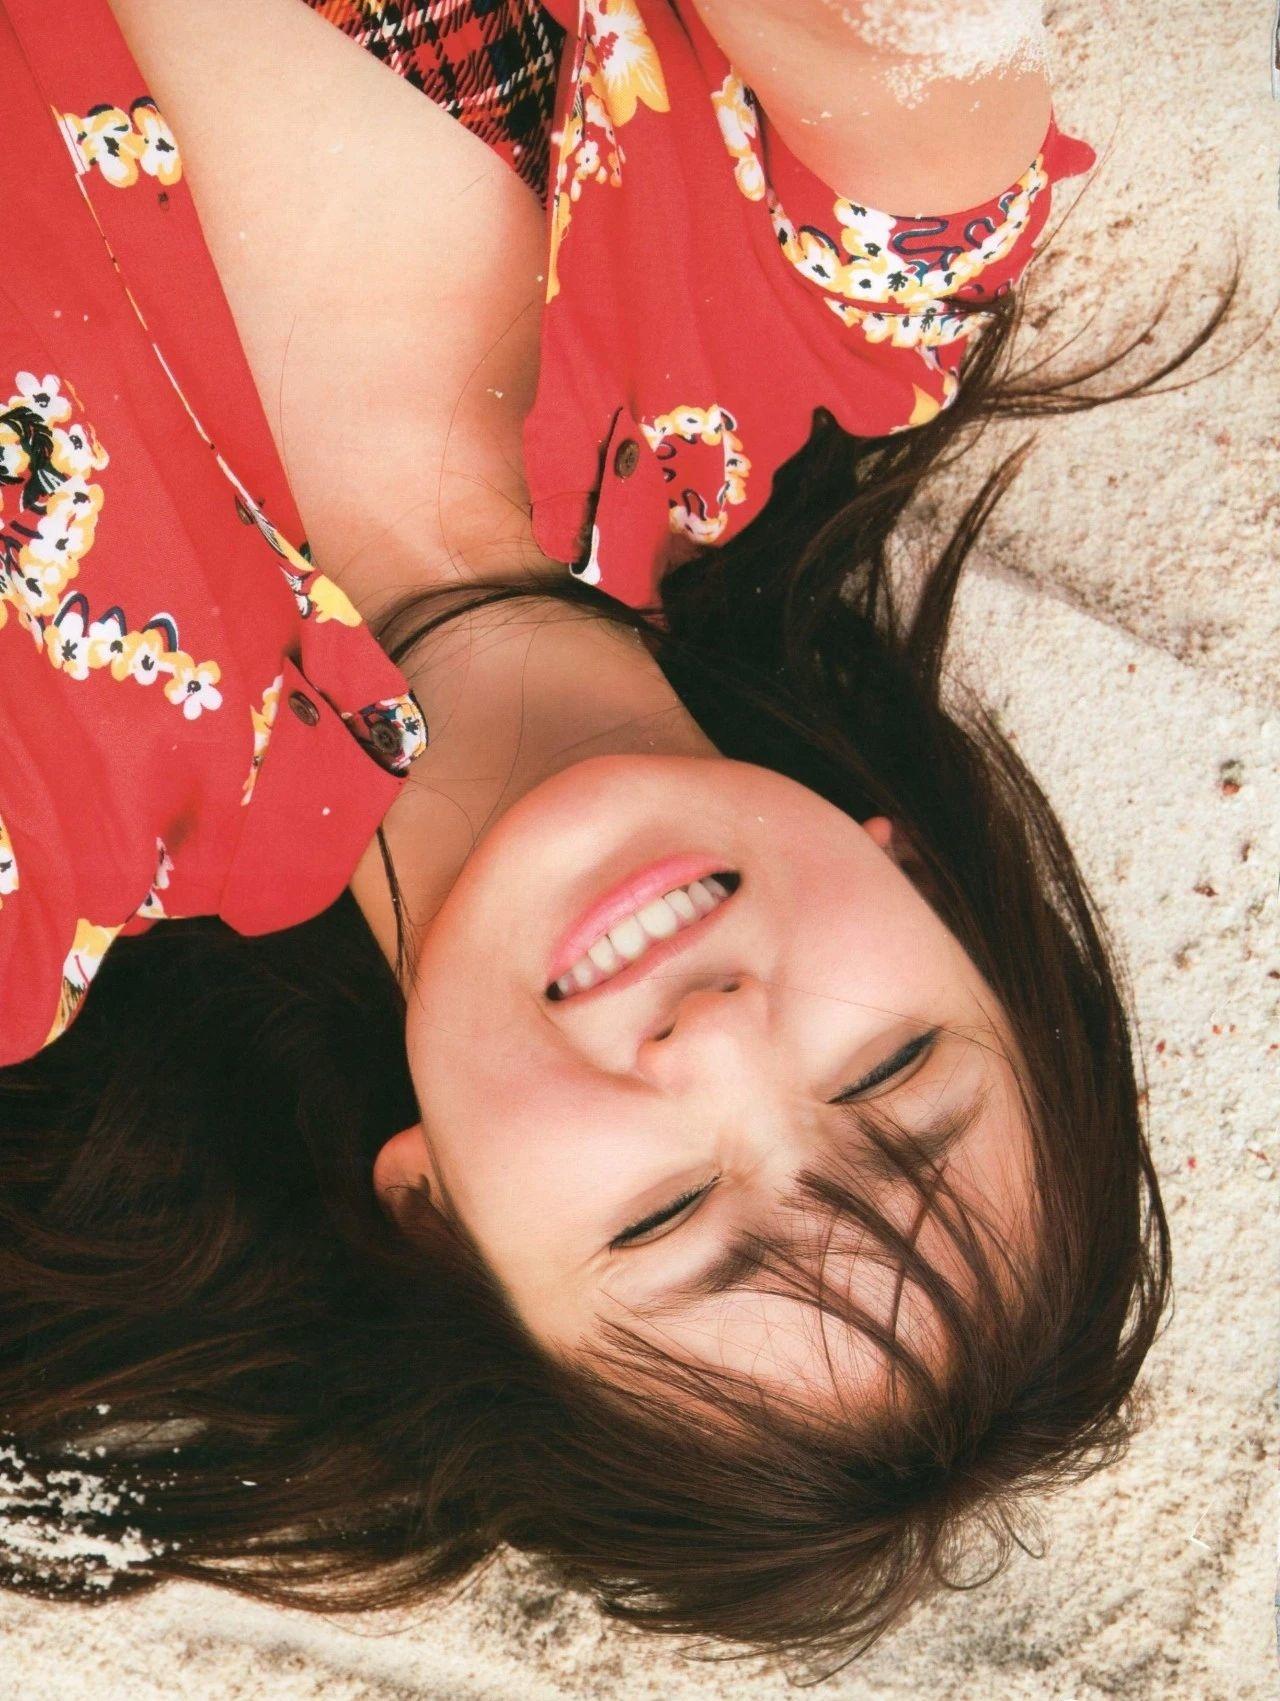 着装性感春光无限的吉木梨纱写真作品 (15)